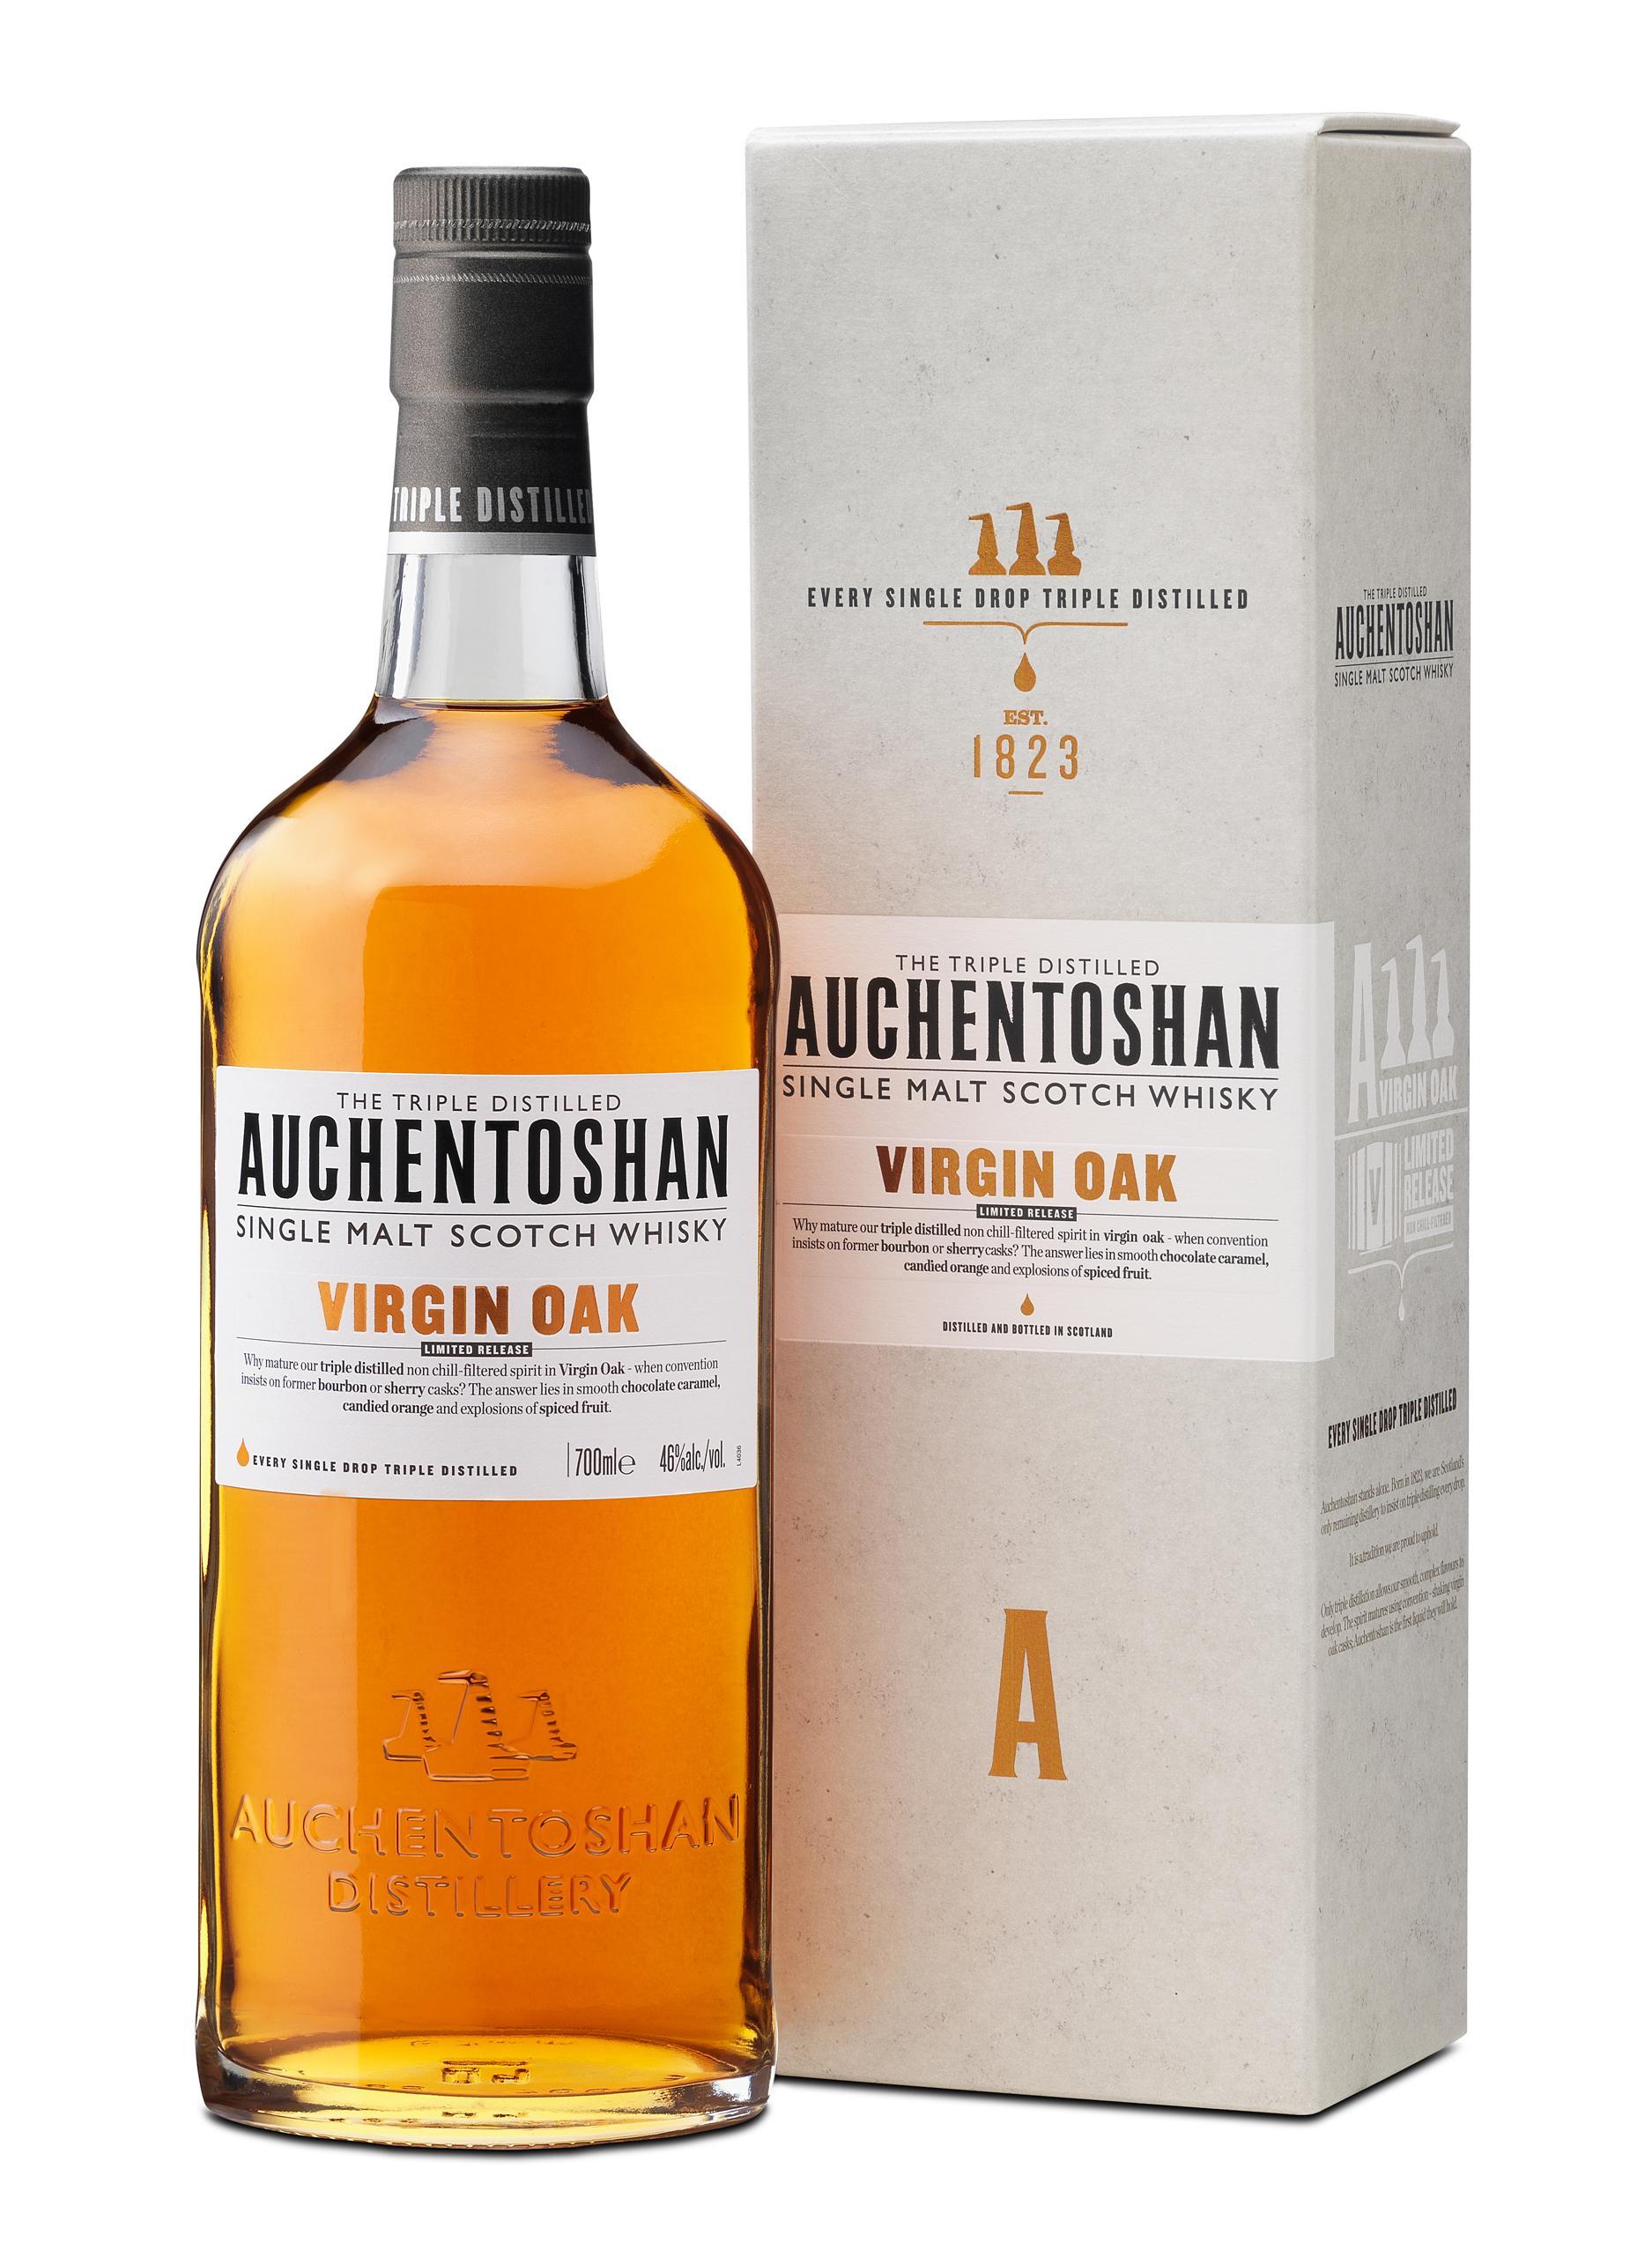 Auchentoshan Whisky Introduces Auchentoshan Virgin Oak